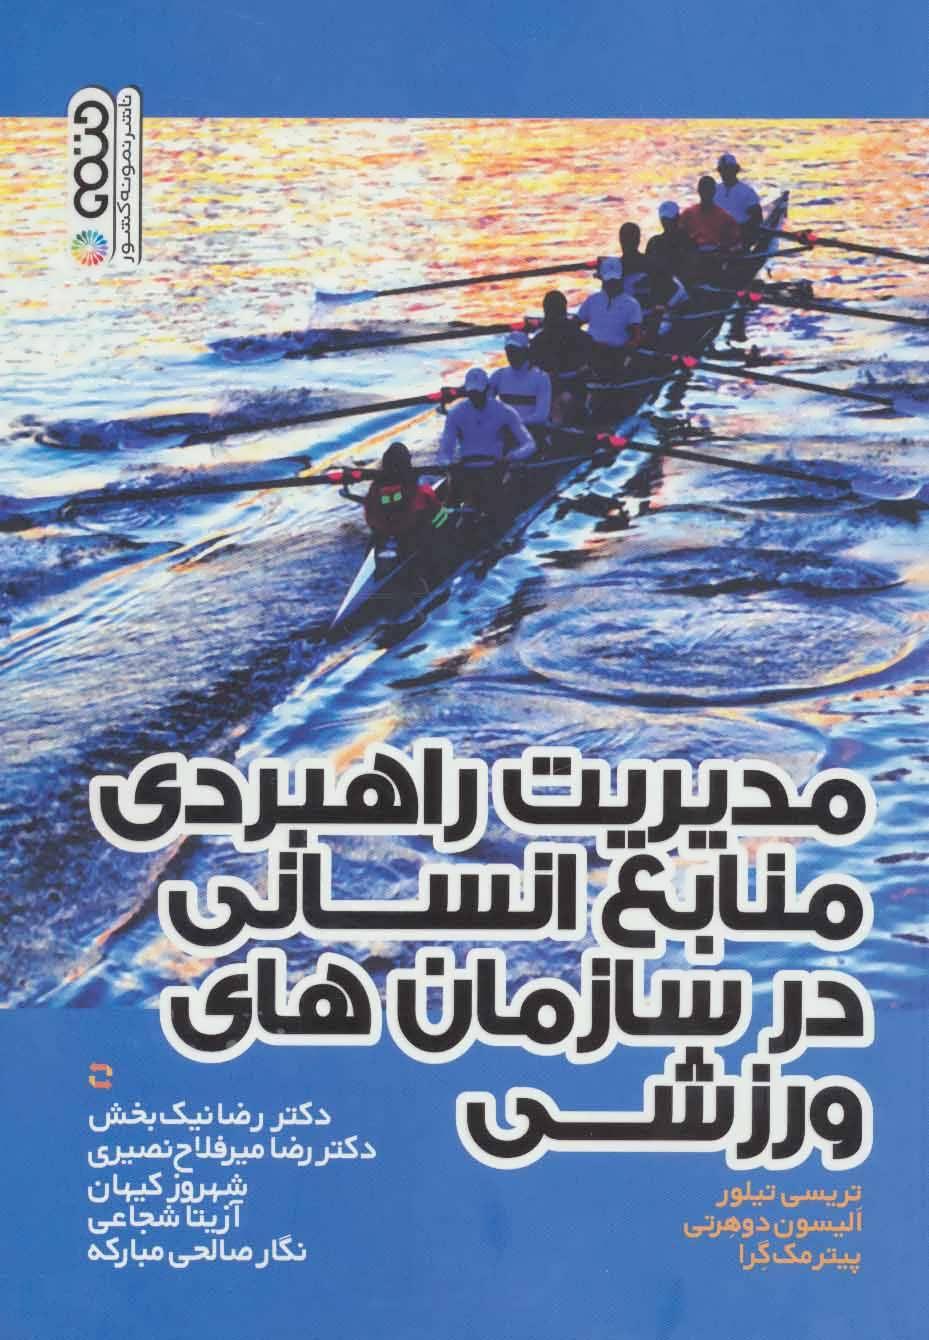 کتاب مدیریت راهبردی منابع انسانی در سازمانهای ورزشی